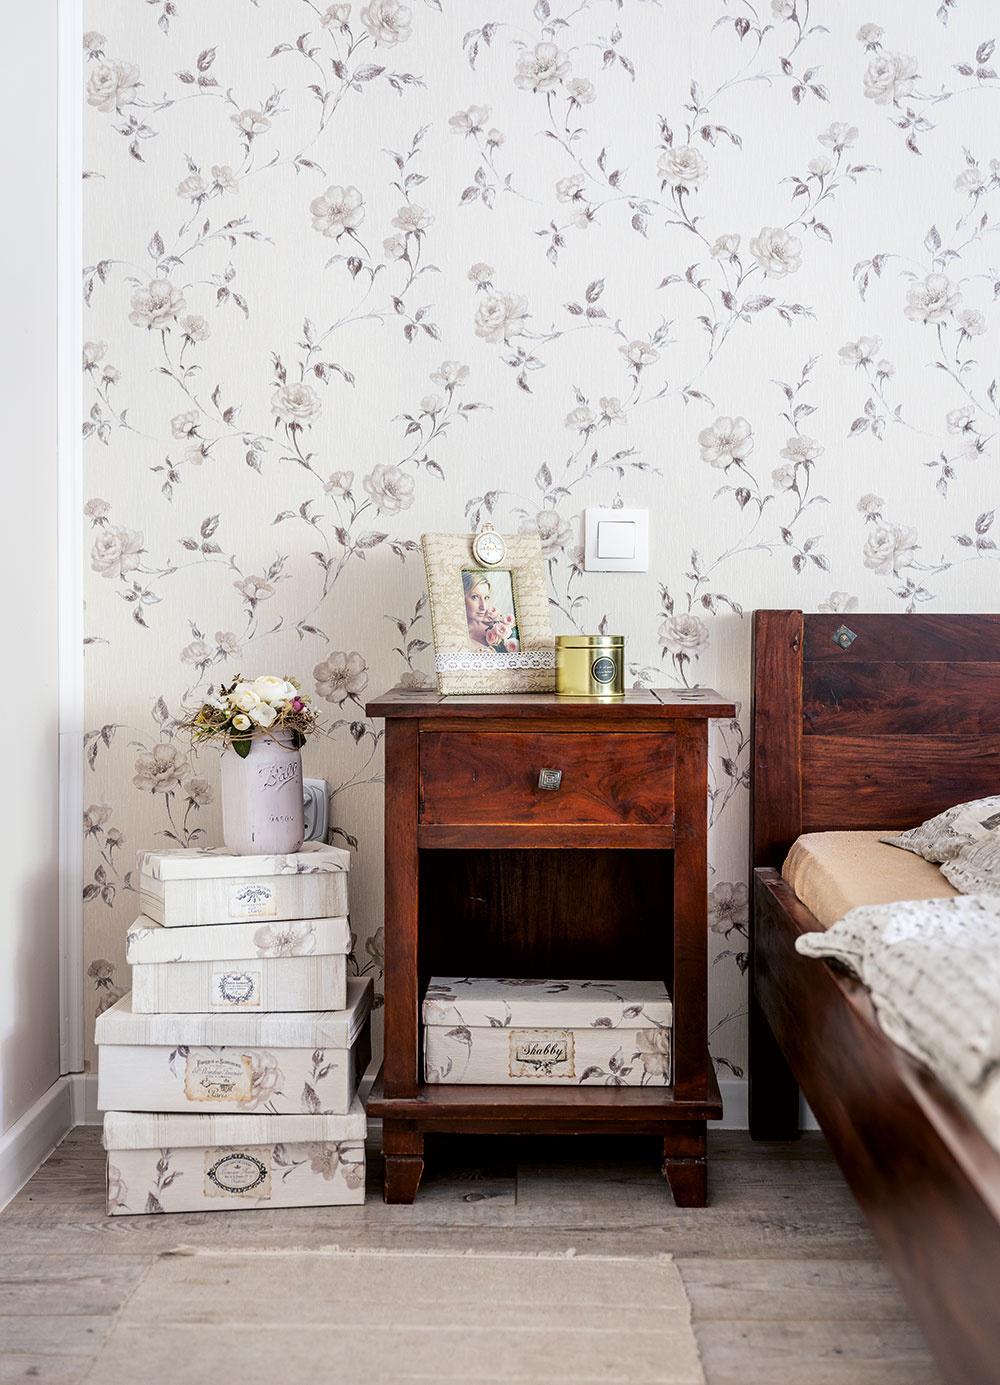 tapeta s kvetinovým motívom na stene a nočný stolík